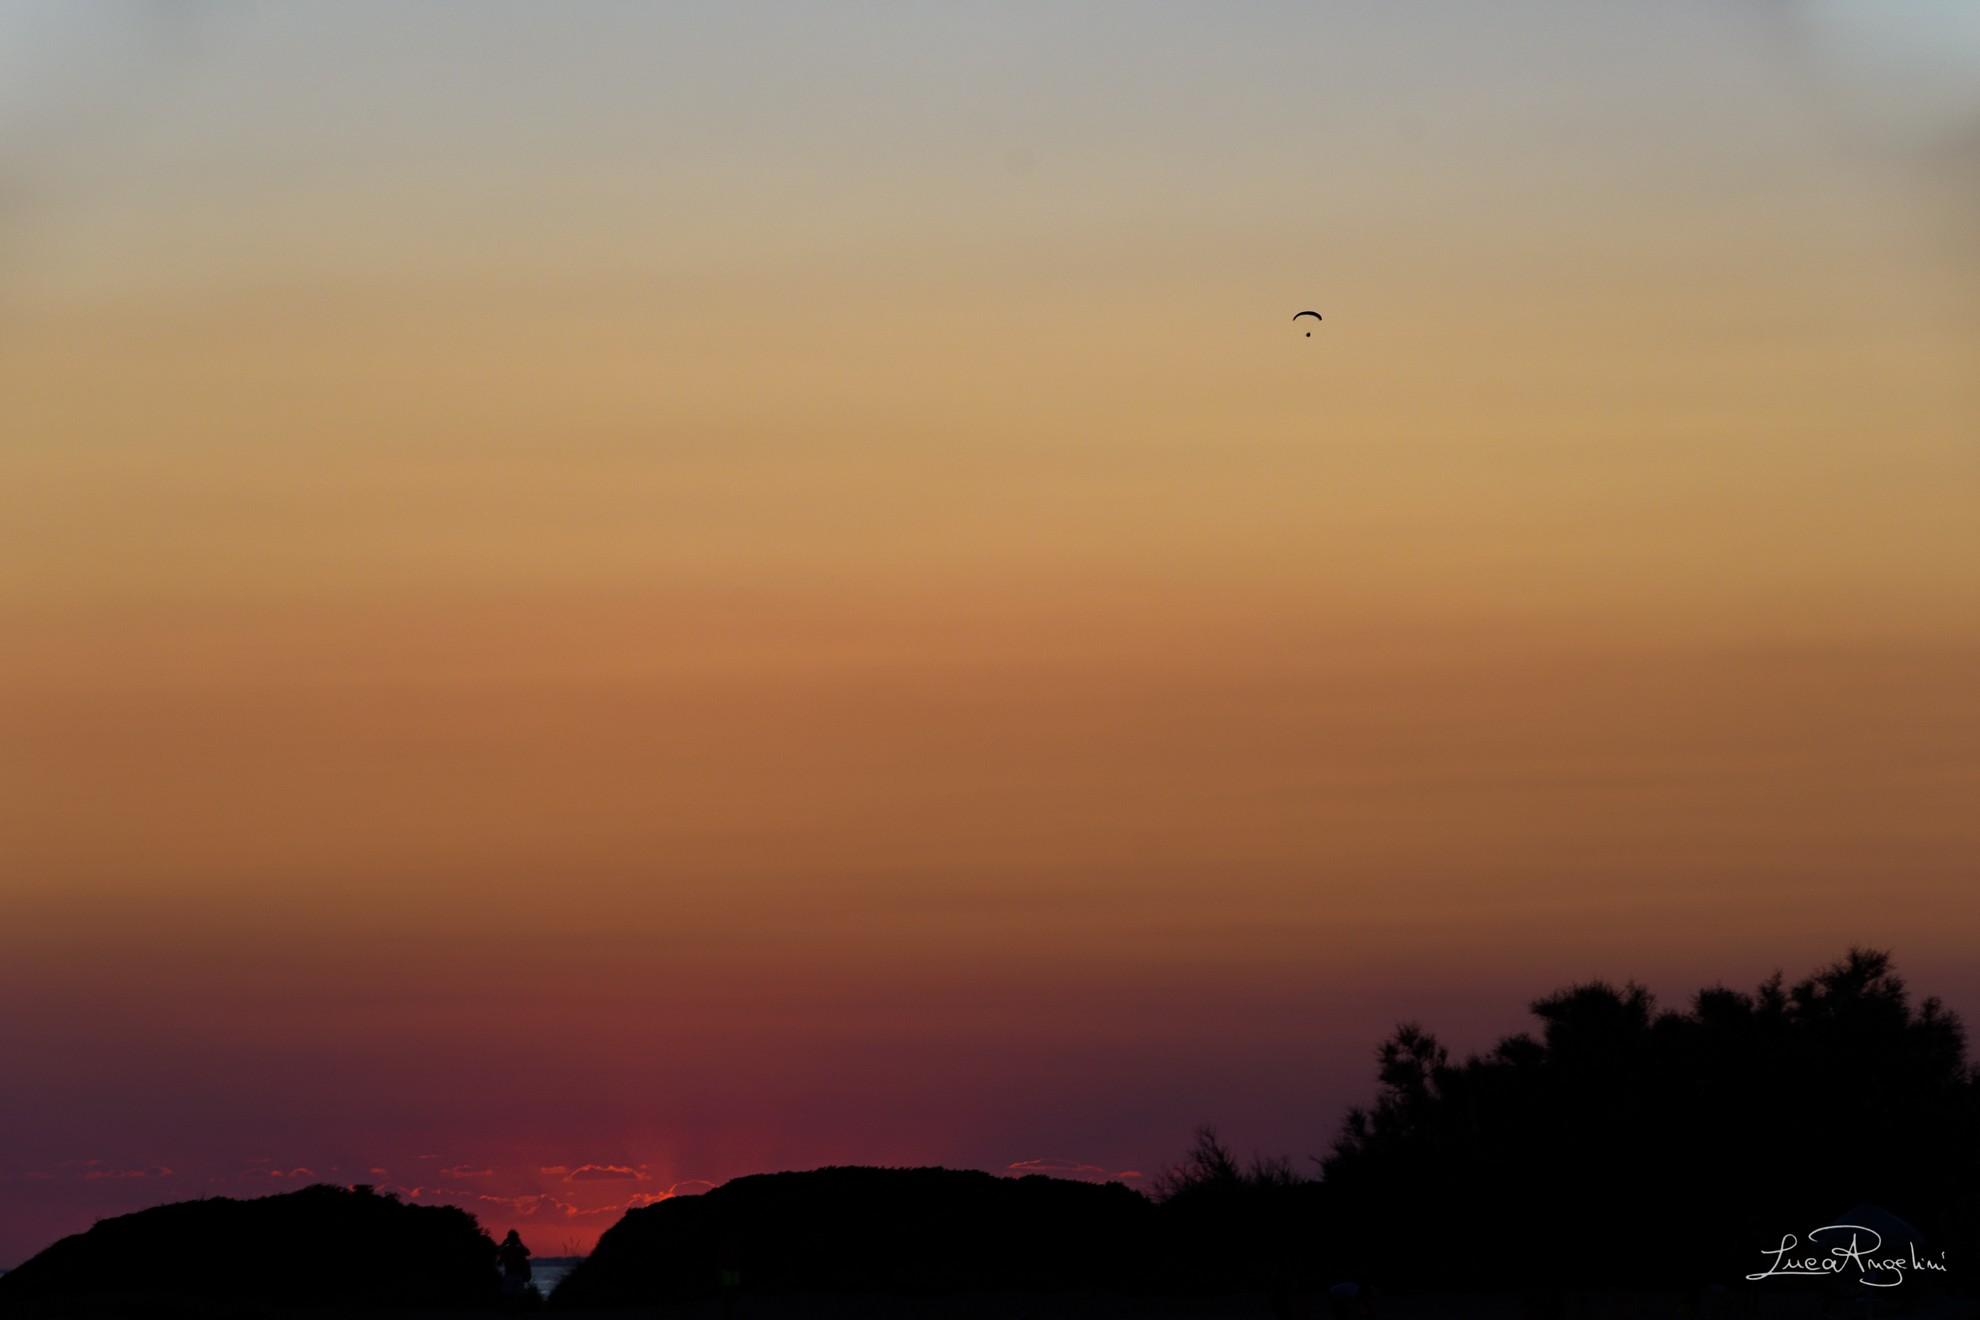 """- L'ESTATE ADDOSSO - JOVANOTTI """"... Pensando a cieli infuocati a brevi amori infiniti respira questa libertà, l'estate e la libertà..."""""""